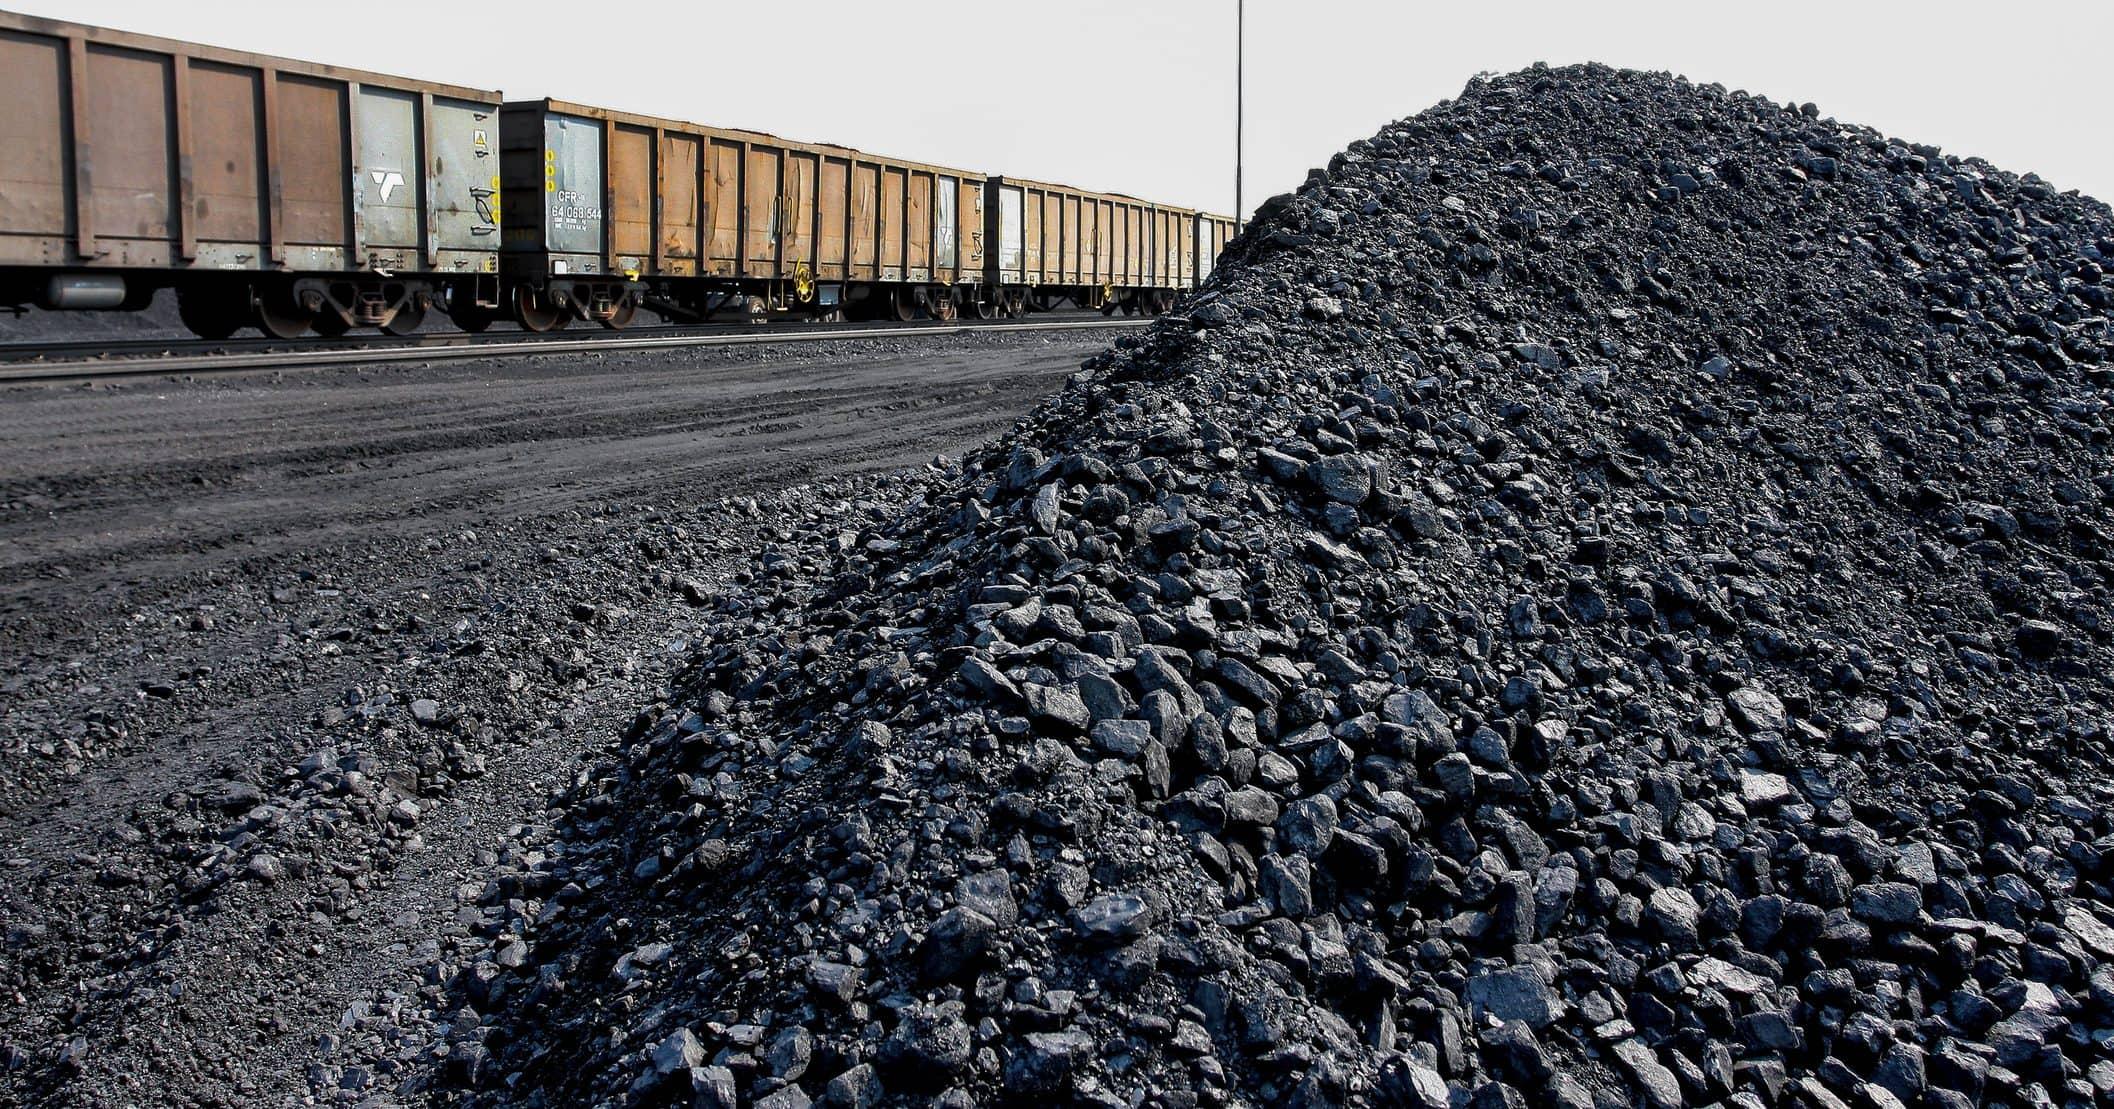 Запасы угля на складах на 2,1 млн тонн превышают показатели прошлого года – Минэнерго